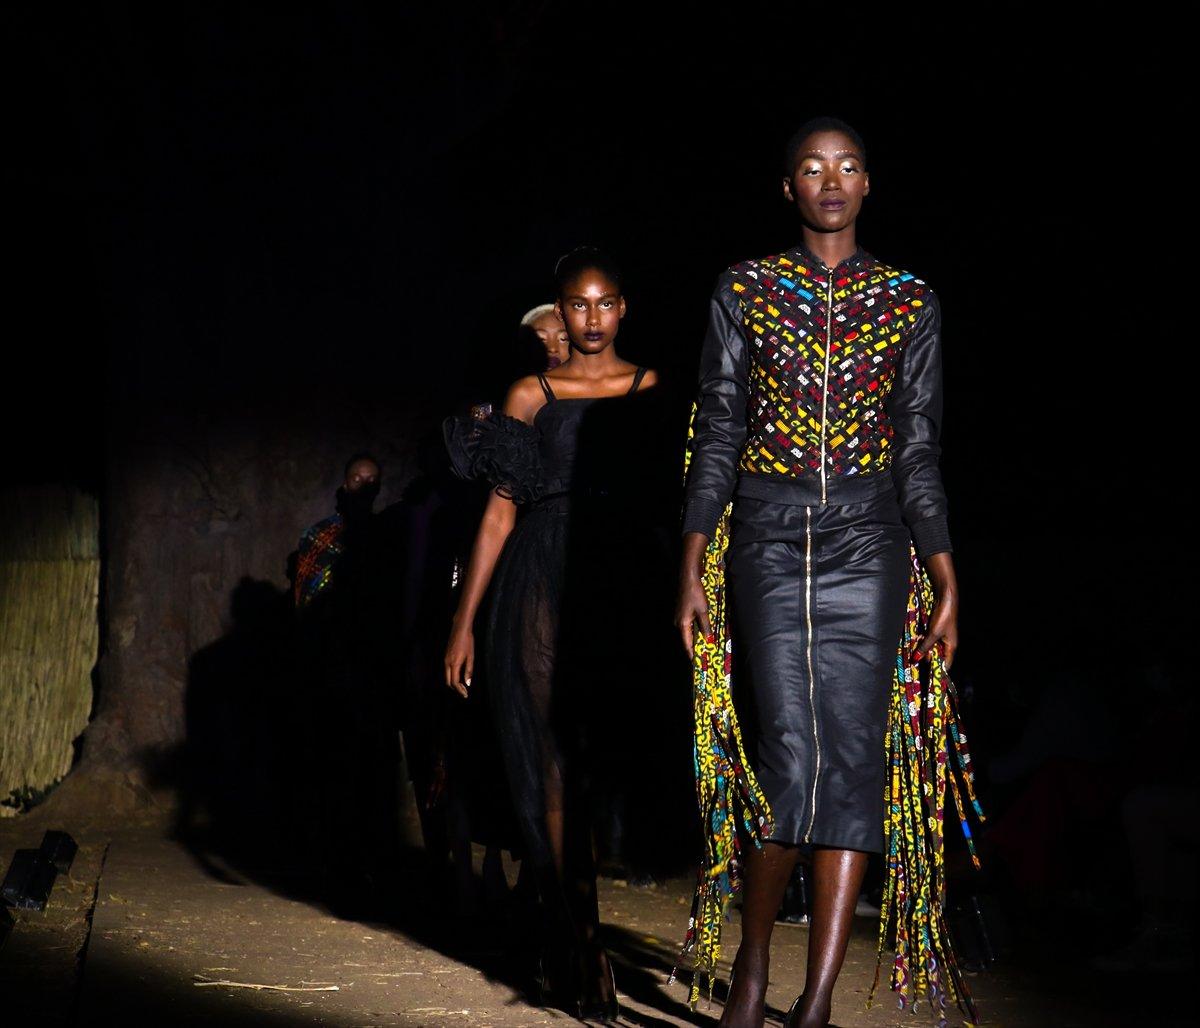 dakar moda haftasi baobap agaclari altinda duzenlendi 2542